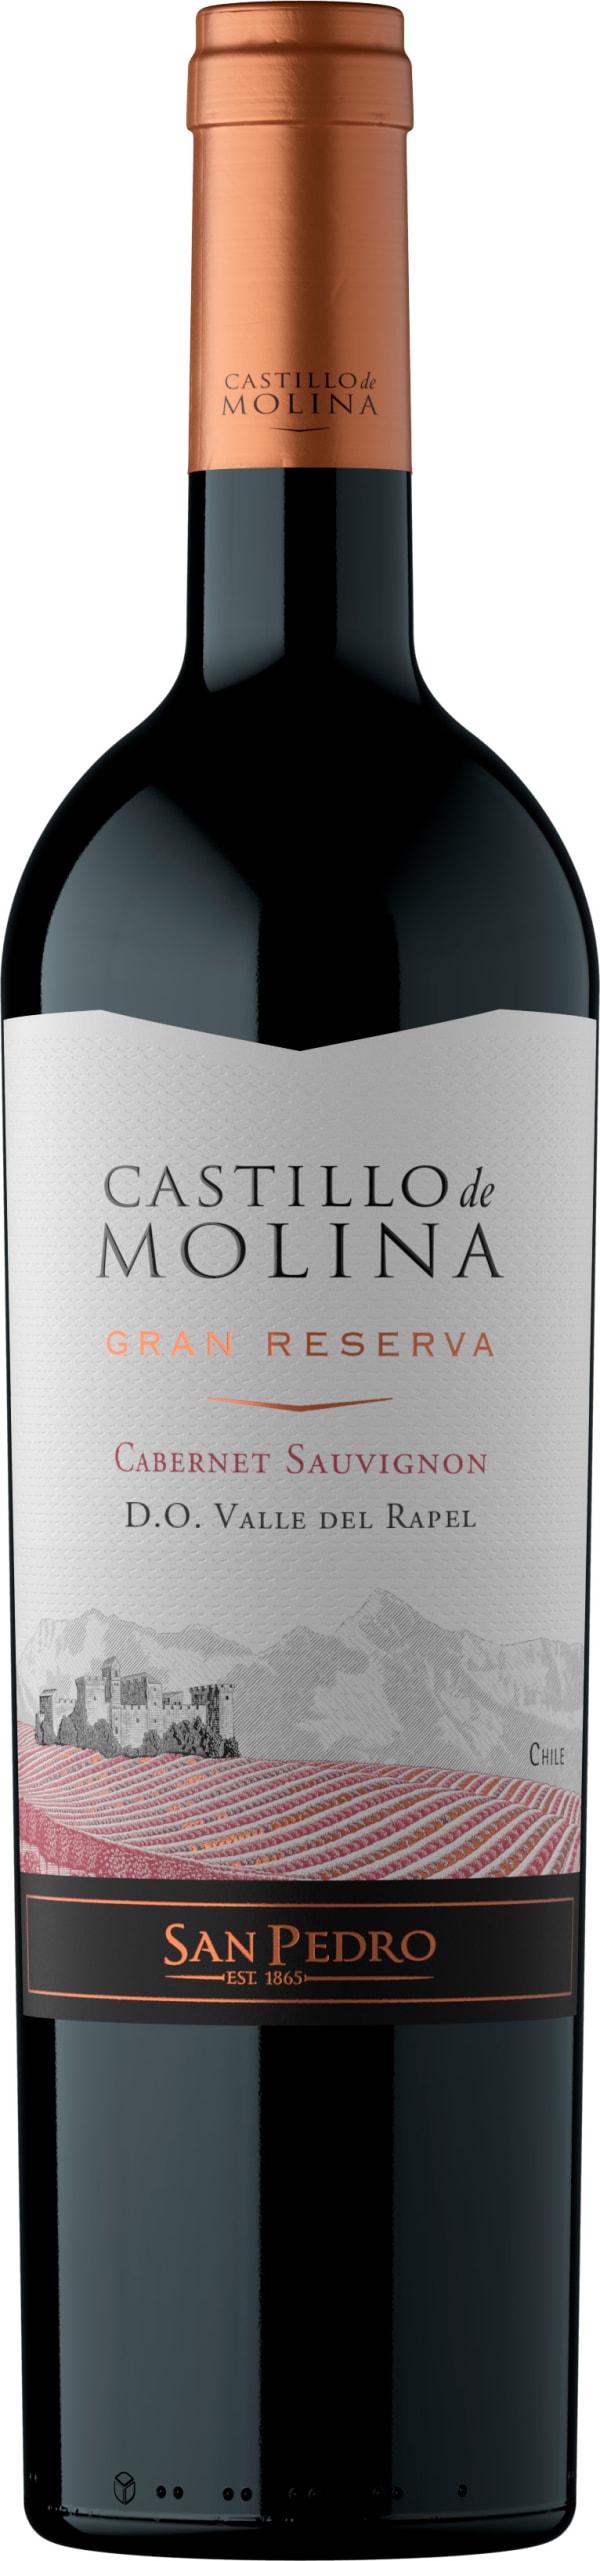 Castillo de Molina Reserva Cabernet Sauvignon 2016